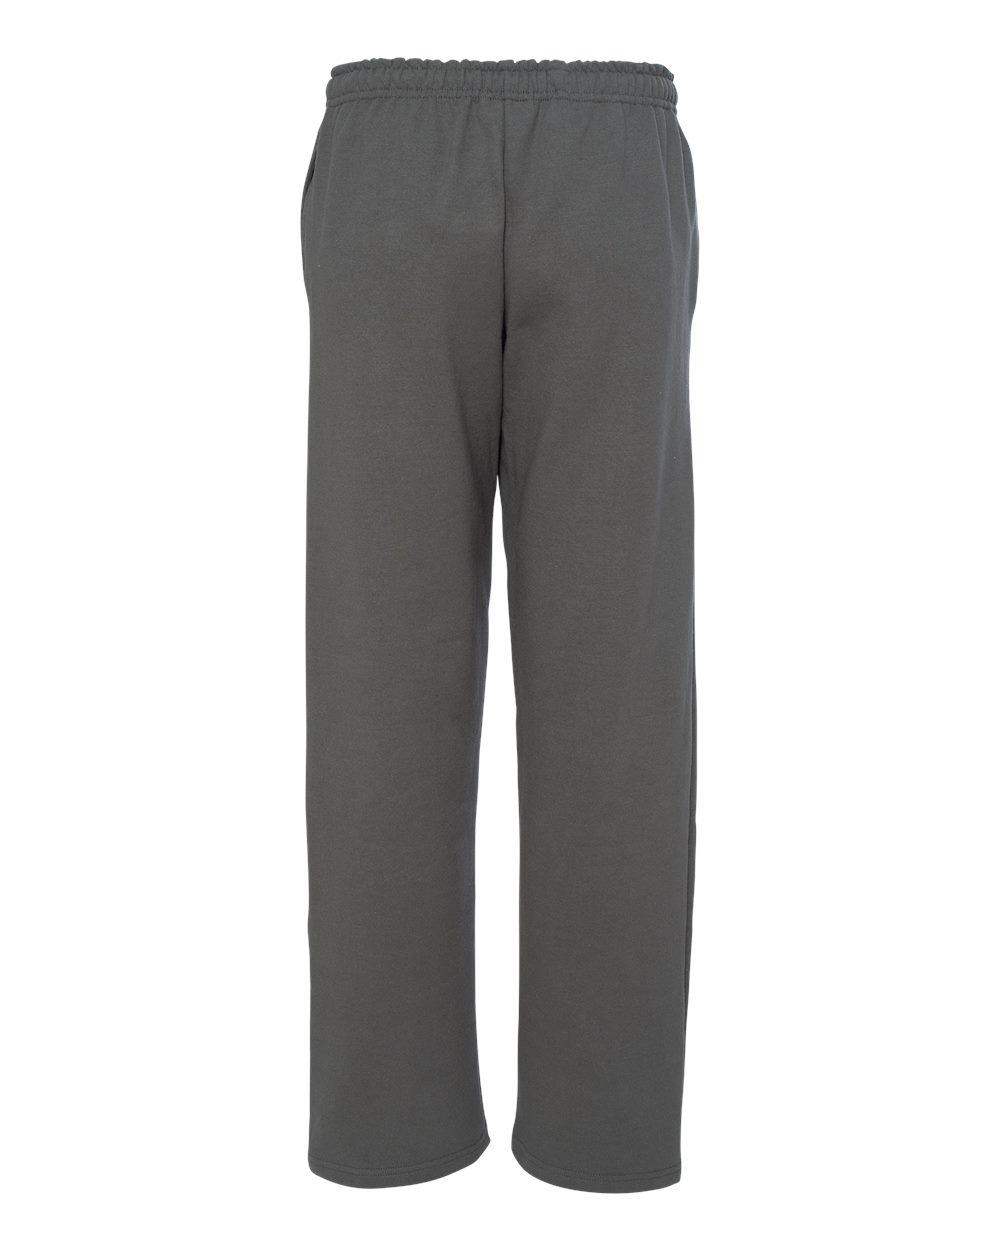 Gildan-Mens-DryBlend-Open-Bottom-Pocket-Sweatpants-12300-up-to-2XL thumbnail 10